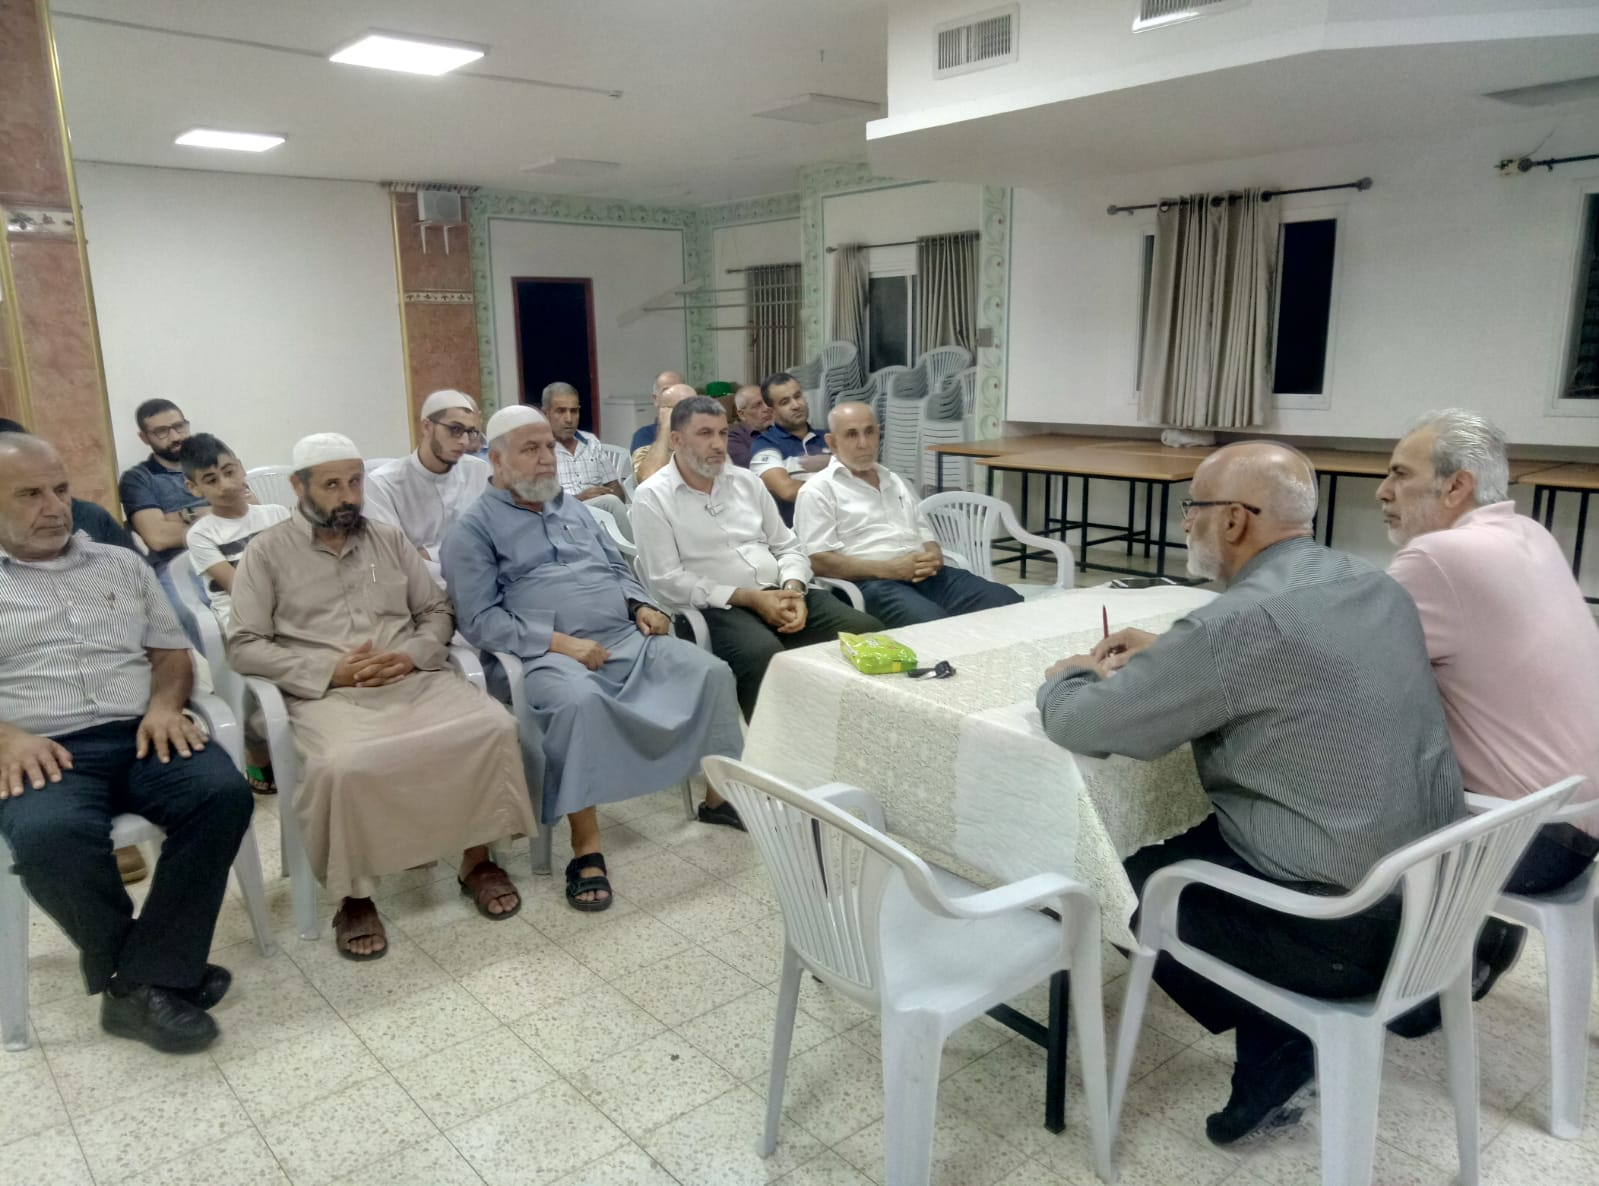 """Photo of لجنة """"إفشاء السلام"""" في الناصرة: نواجه غول العنف بنشر روح التسامح"""